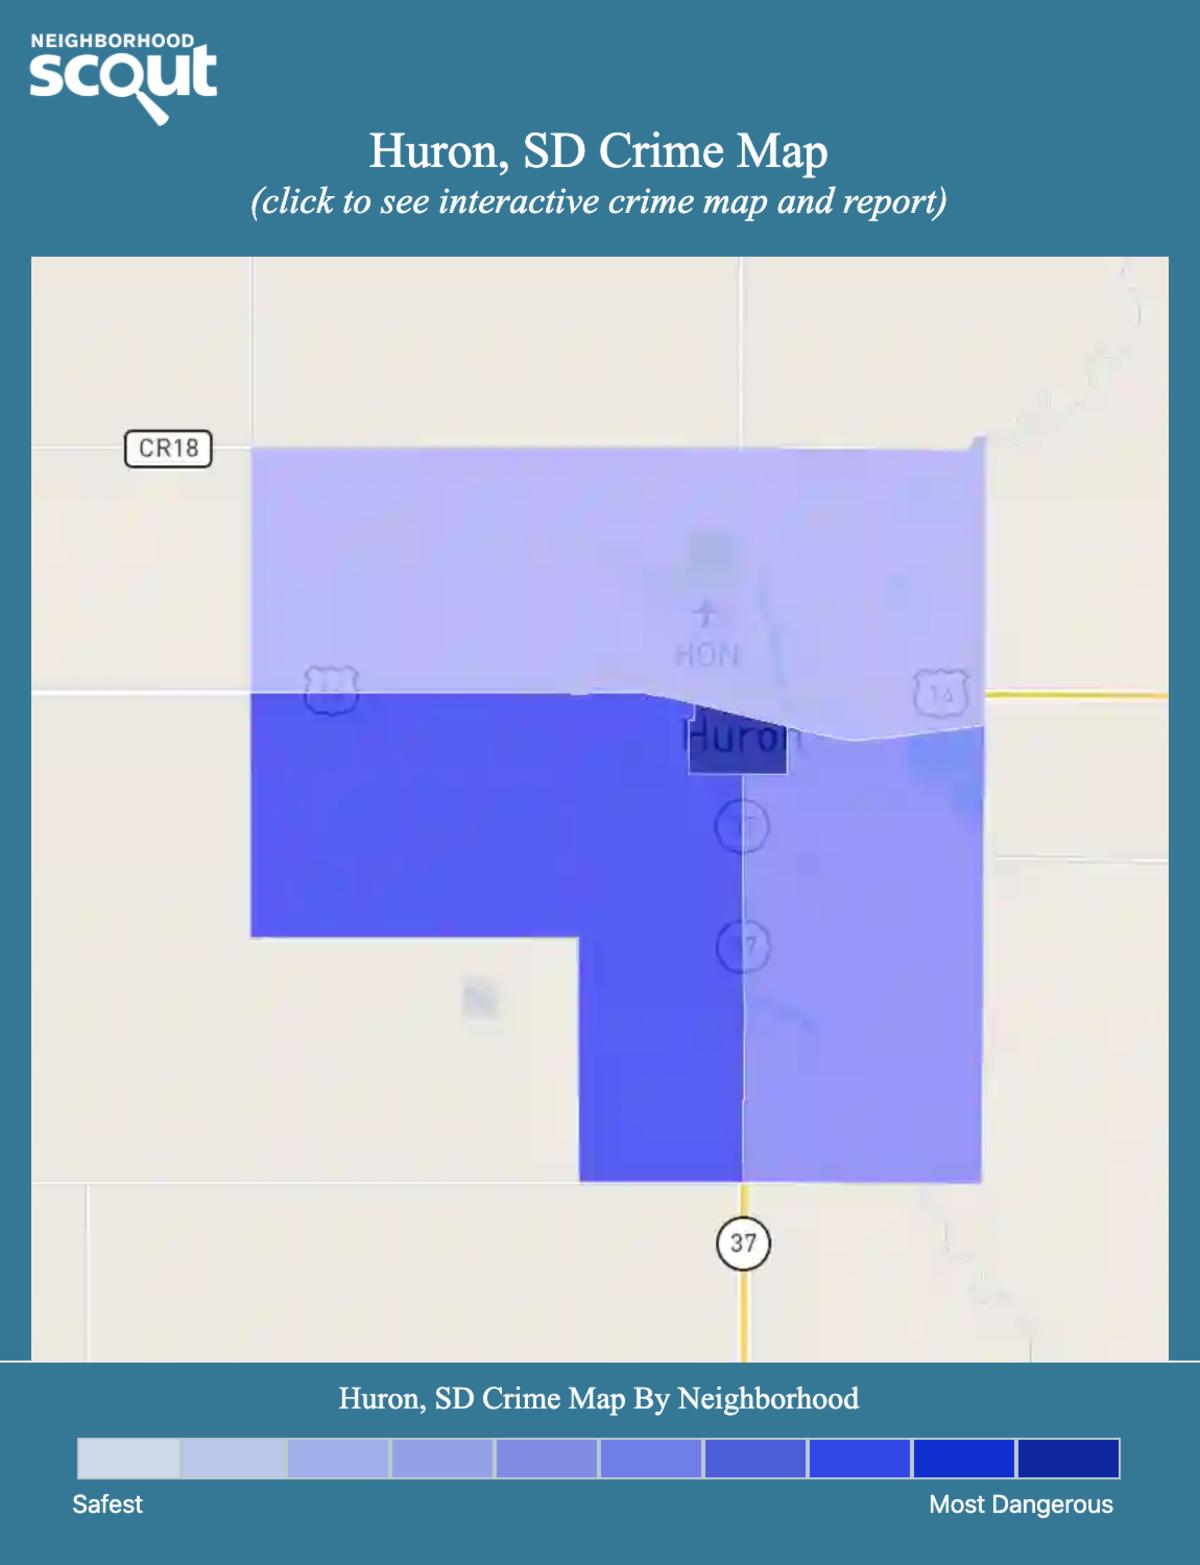 Huron, South Dakota crime map